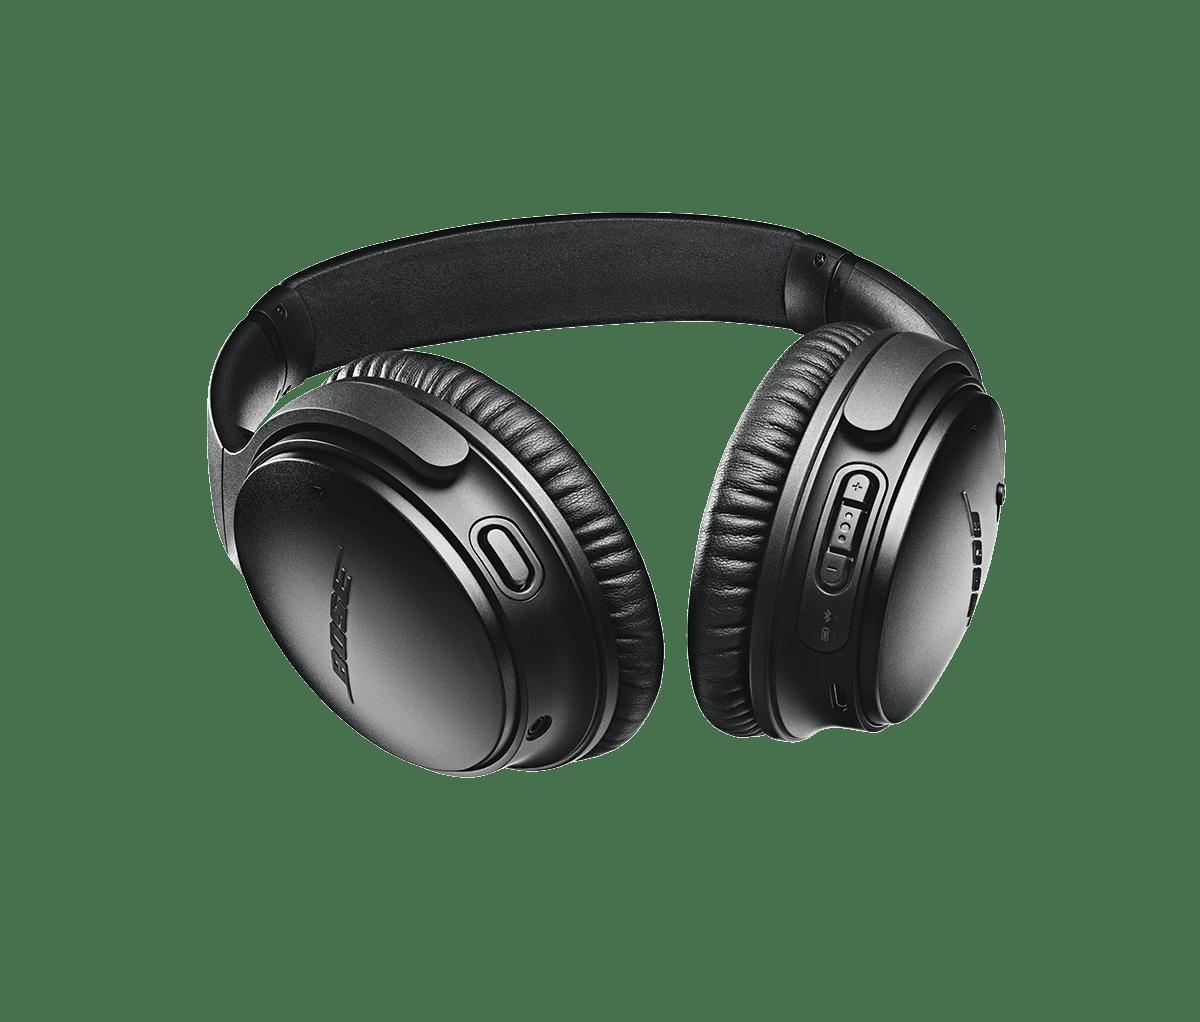 aa9c2a2cd8c Bose QuietComfort 35 Wireless Headphones II with Google Assistant - Black -  Walmart.com